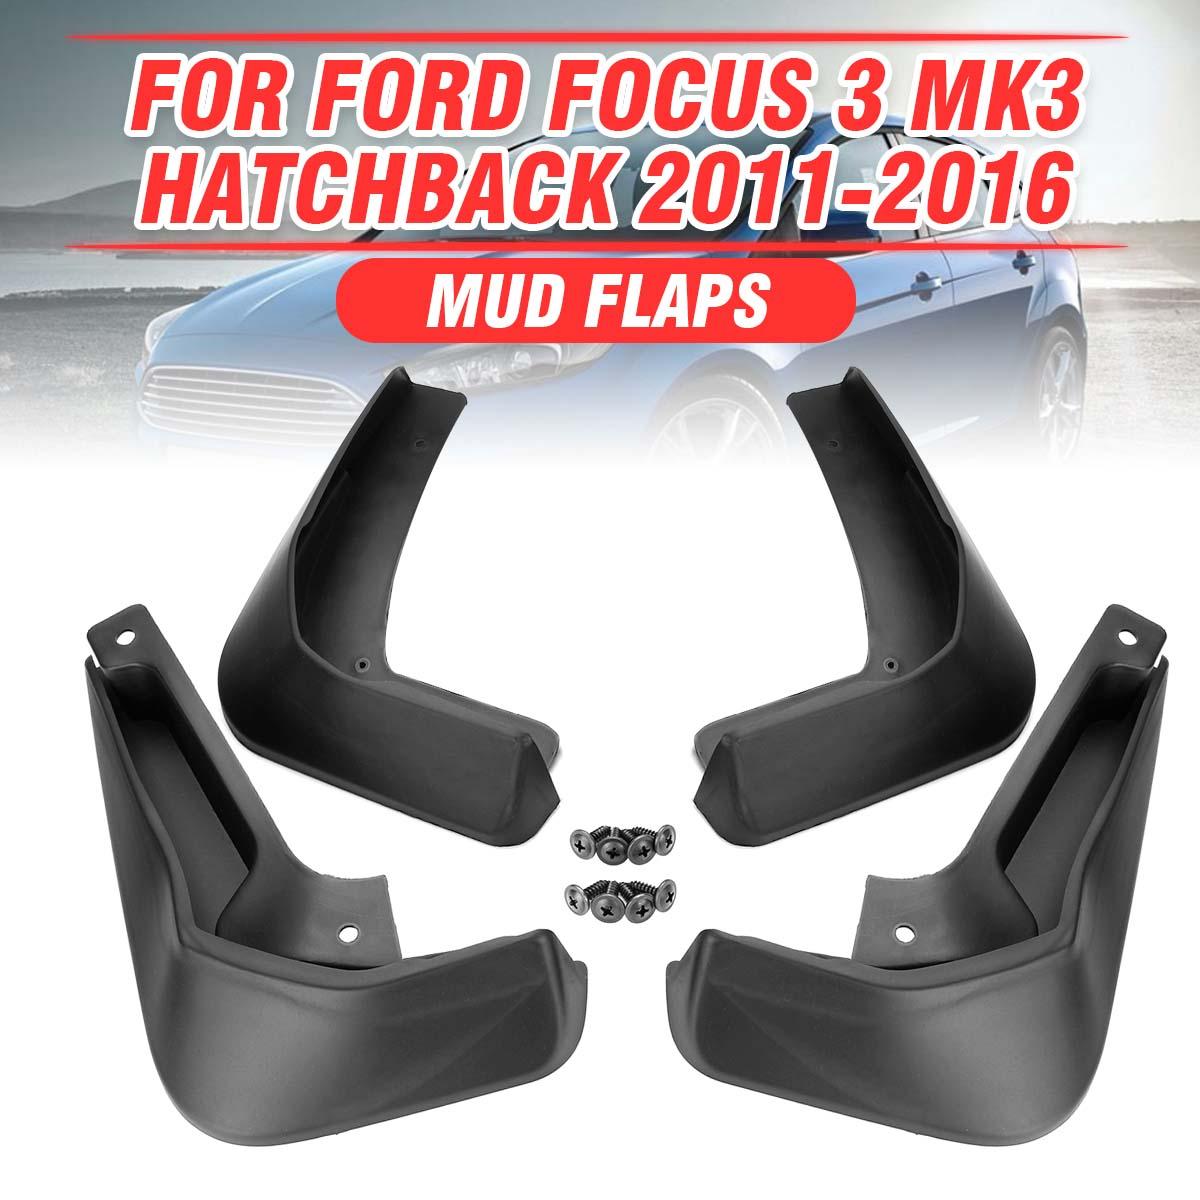 Lama do carro abas mudflaps respingo guardas para fender acessórios para ford/focus 3 mk3 hatchback 2011-2018